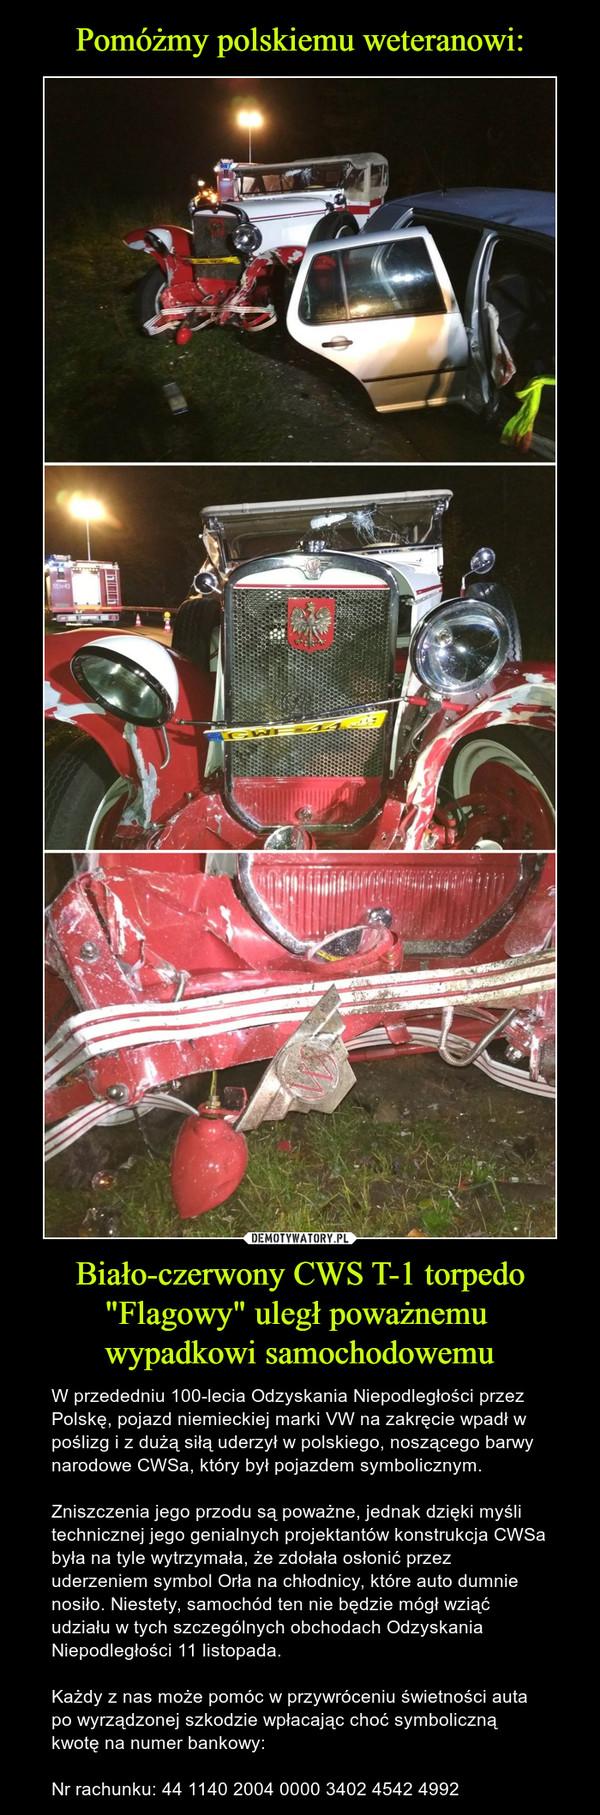 """Biało-czerwony CWS T-1 torpedo """"Flagowy"""" uległ poważnemu wypadkowi samochodowemu – W przededniu 100-lecia Odzyskania Niepodległości przez Polskę, pojazd niemieckiej marki VW na zakręcie wpadł w poślizg i z dużą siłą uderzył w polskiego, noszącego barwy narodowe CWSa, który był pojazdem symbolicznym. Zniszczenia jego przodu są poważne, jednak dzięki myśli technicznej jego genialnych projektantów konstrukcja CWSa była na tyle wytrzymała, że zdołała osłonić przez uderzeniem symbol Orła na chłodnicy, które auto dumnie nosiło. Niestety, samochód ten nie będzie mógł wziąć udziału w tych szczególnych obchodach Odzyskania Niepodległości 11 listopada.Każdy z nas może pomóc w przywróceniu świetności auta po wyrządzonej szkodzie wpłacając choć symboliczną kwotę na numer bankowy:Nr rachunku: 44 1140 2004 0000 3402 4542 4992"""